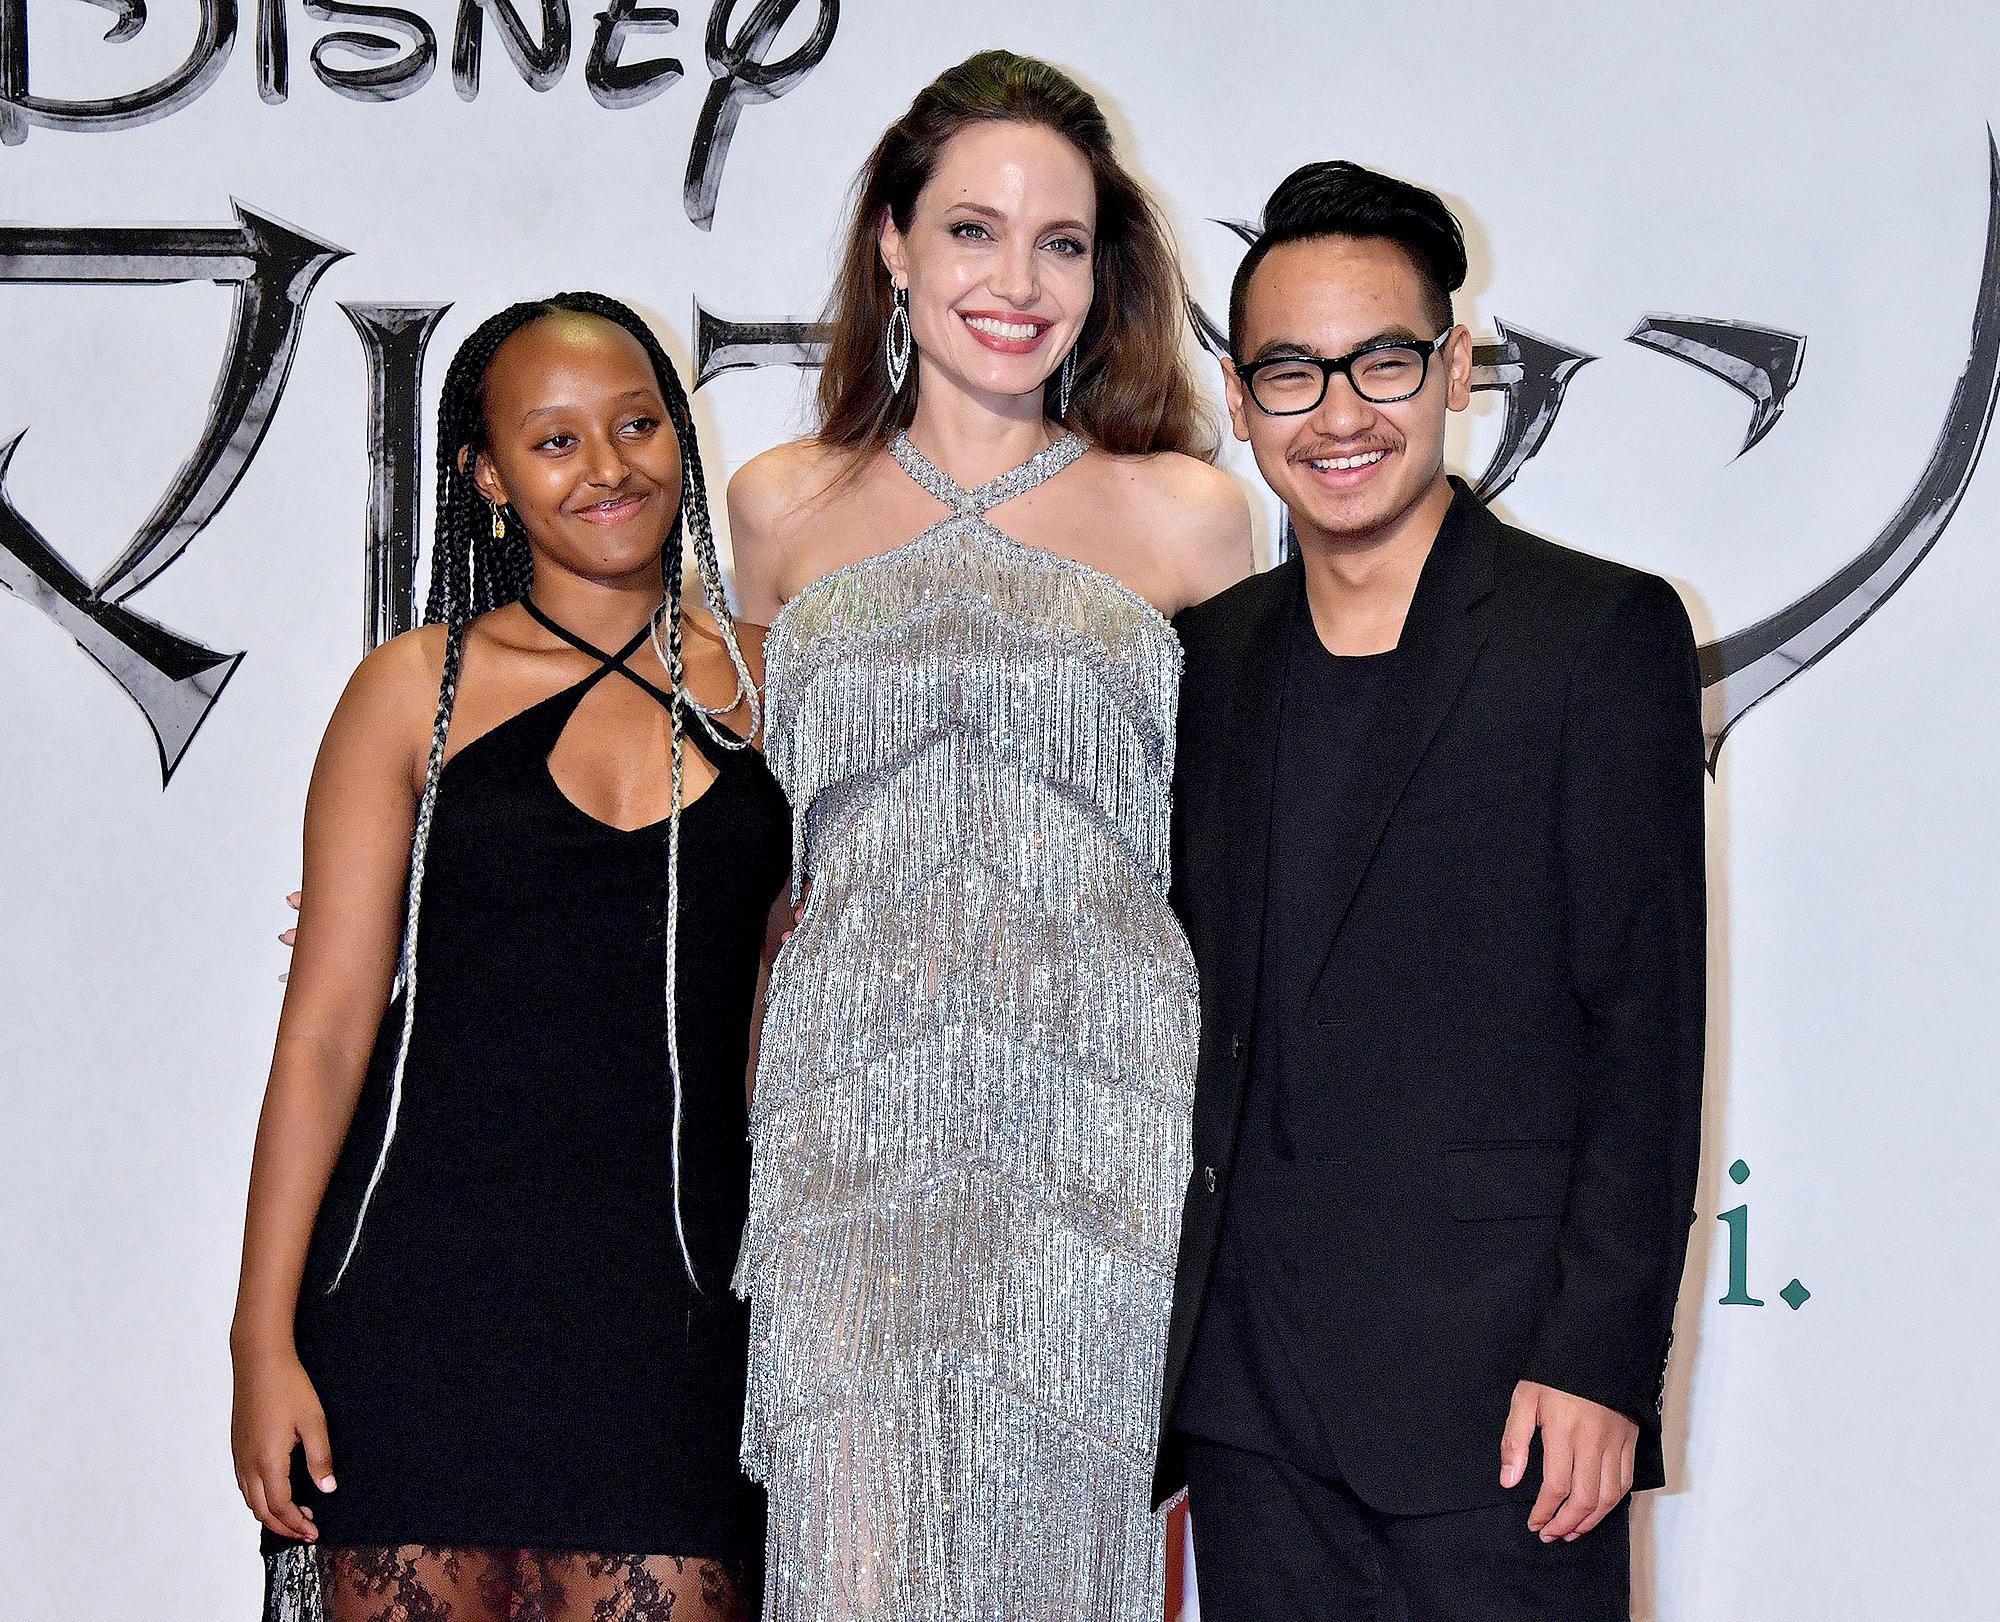 Zahara-Jolie-Pitt,-Angelina-Jolie-and-Maddox-Jolie-Pitt